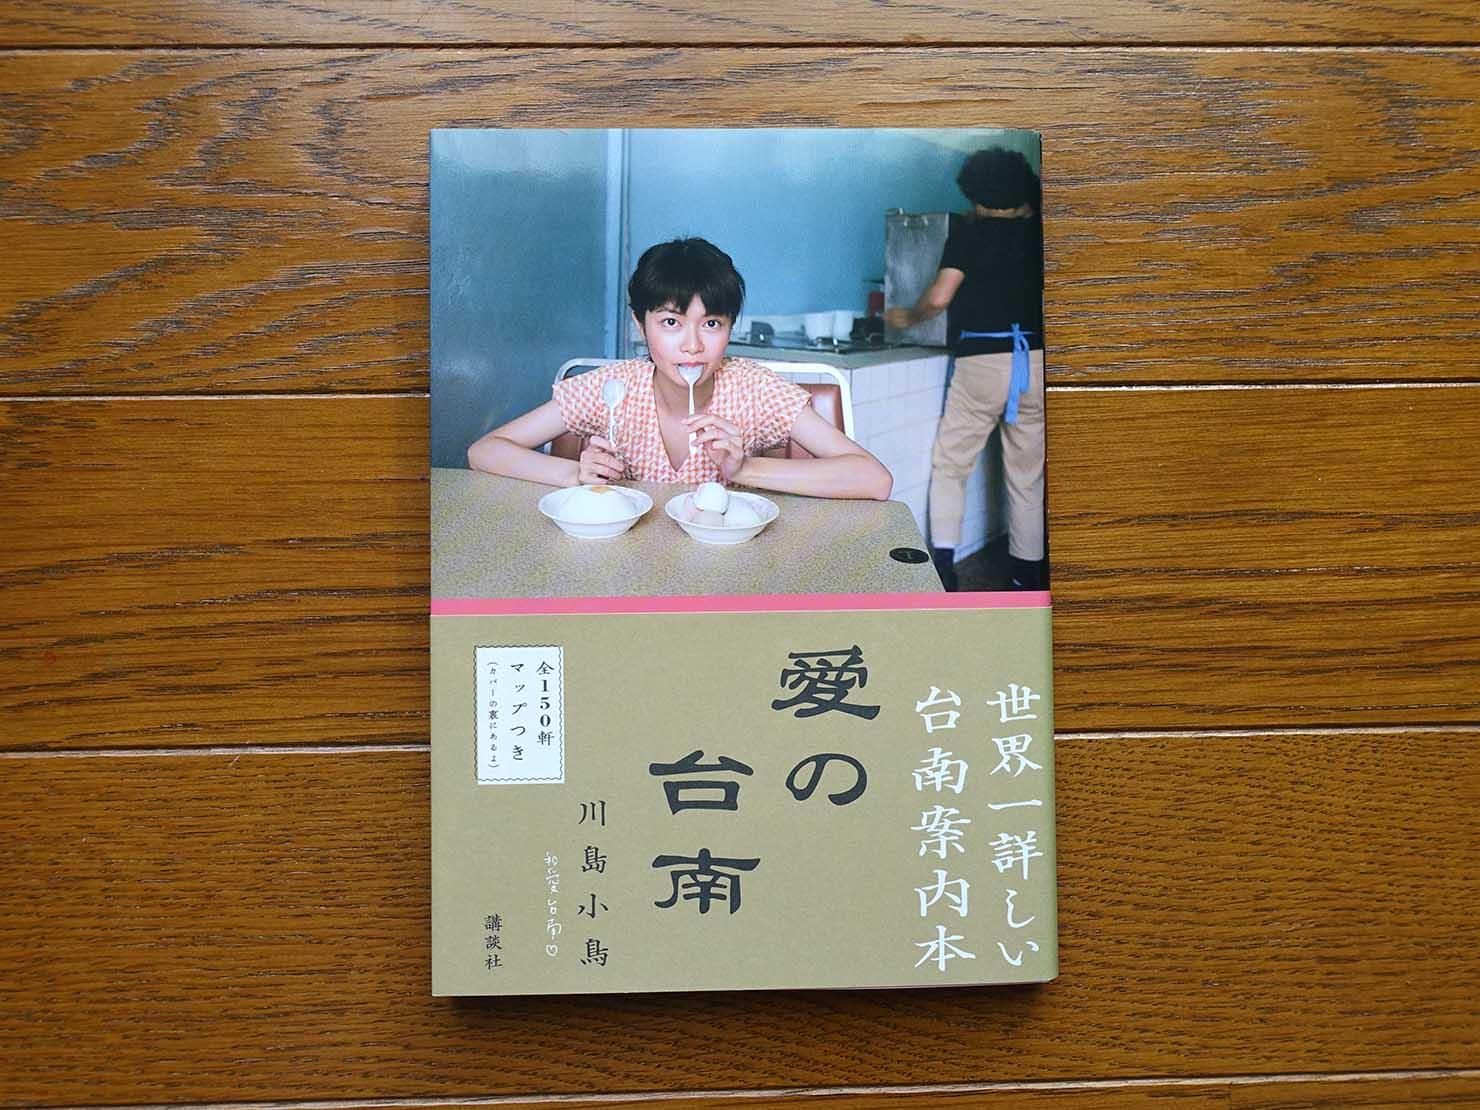 台南観光におすすめのガイドブック『愛の台南』